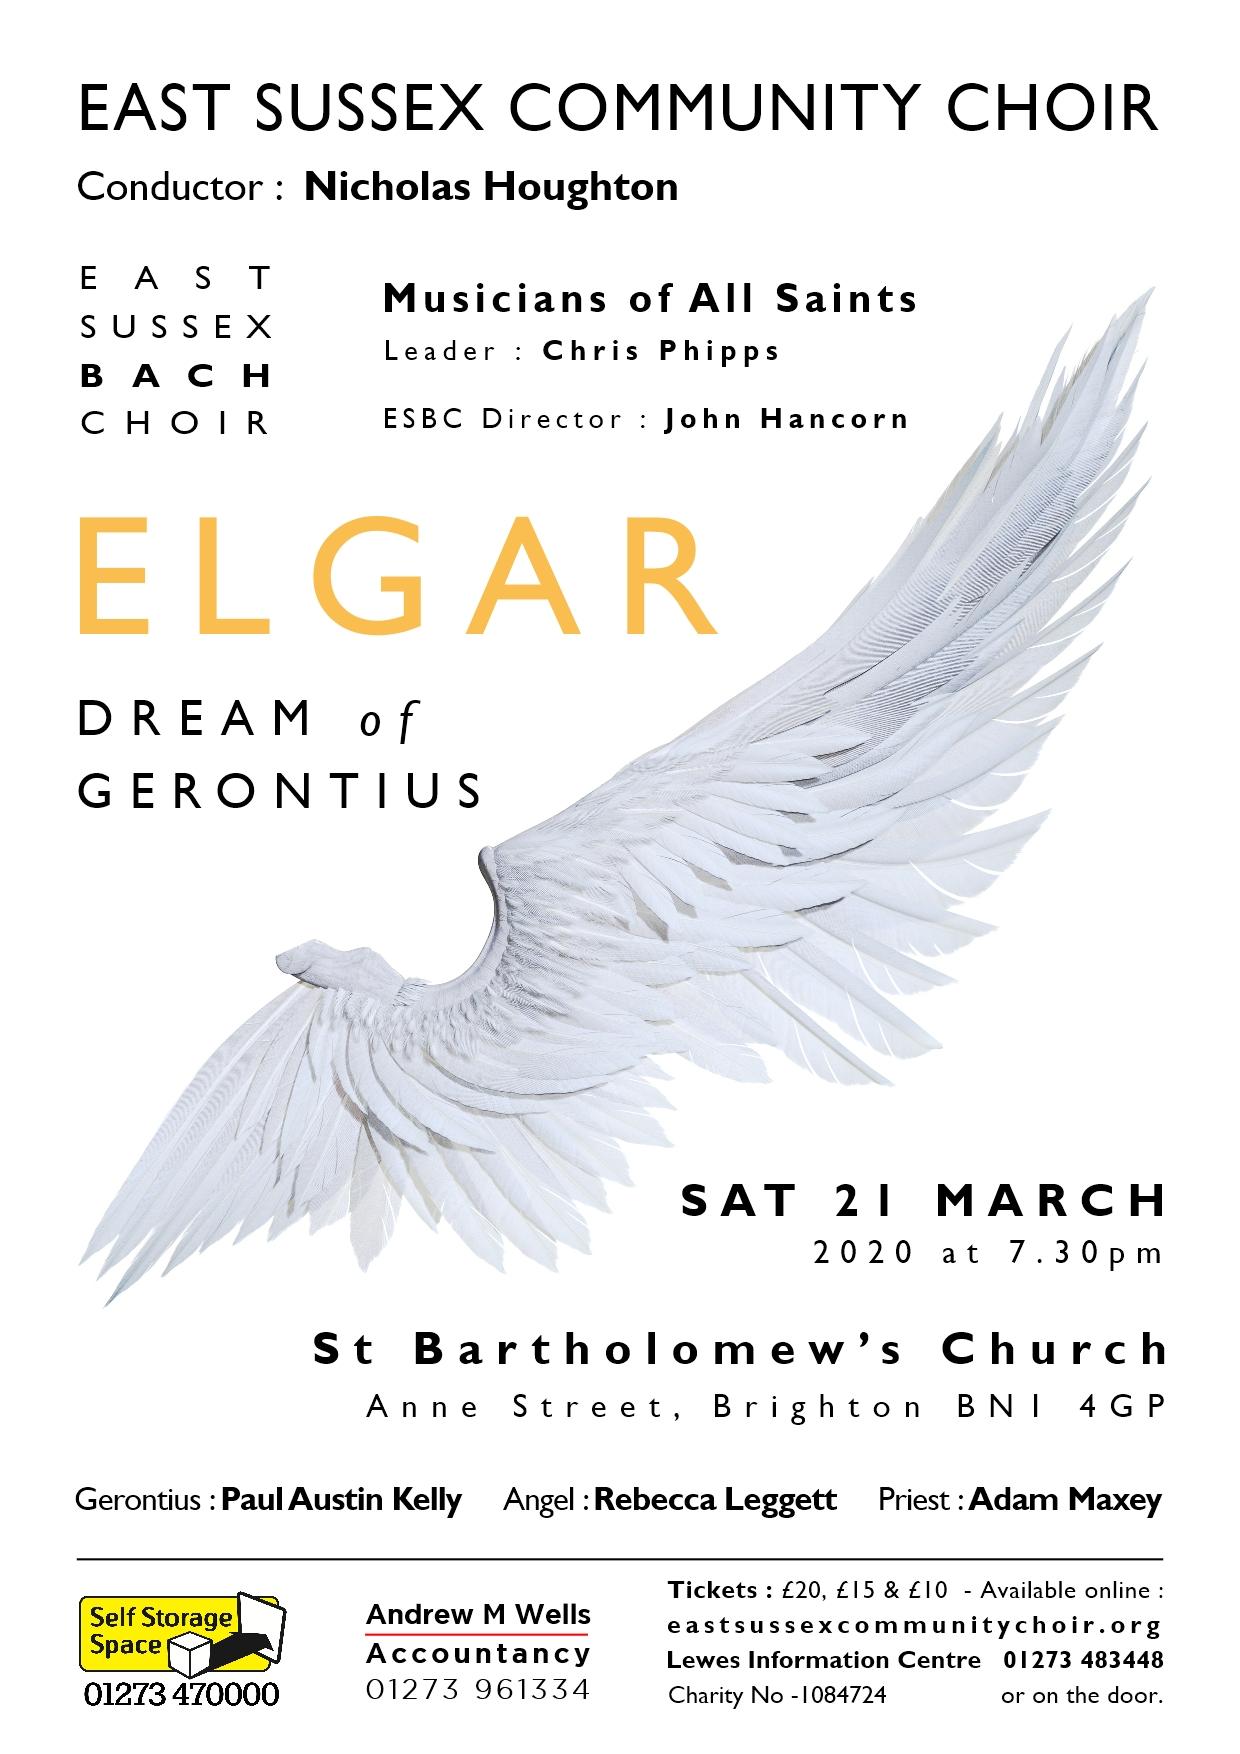 Dream of Gerontius concert poster